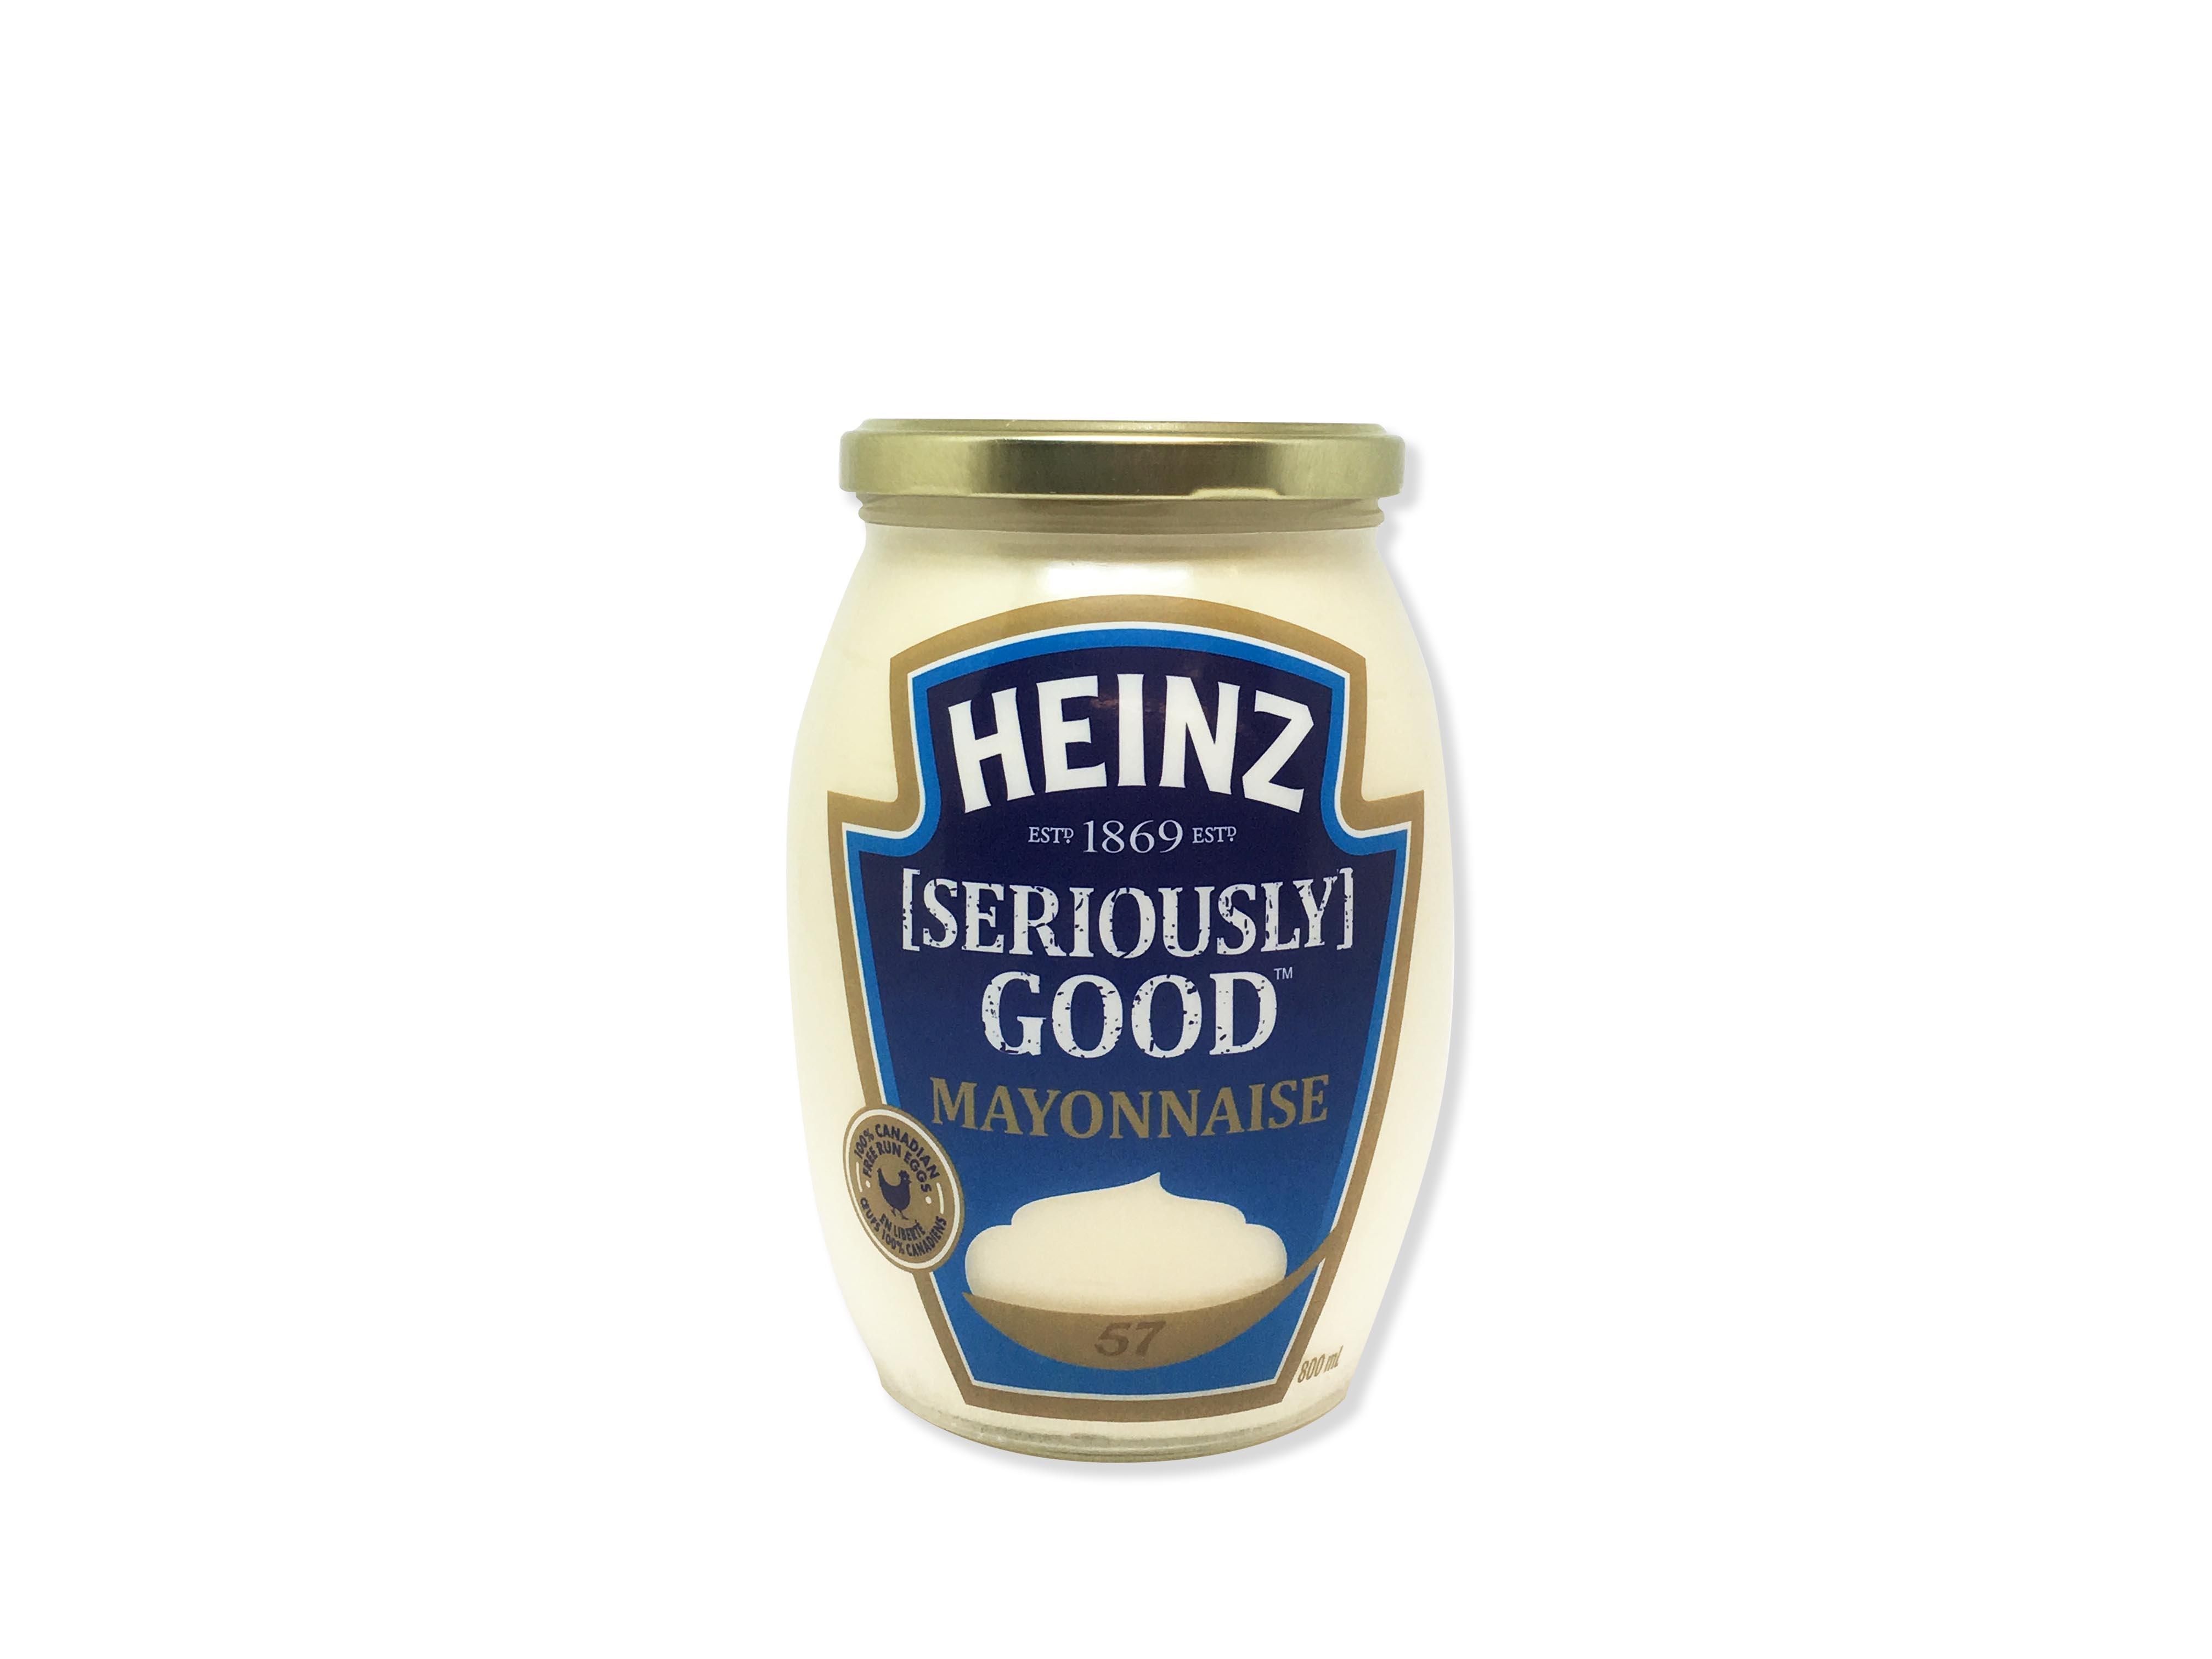 https://0901.nccdn.net/4_2/000/000/038/2d3/Heinz-Mayonnaise-4032x3024.jpg